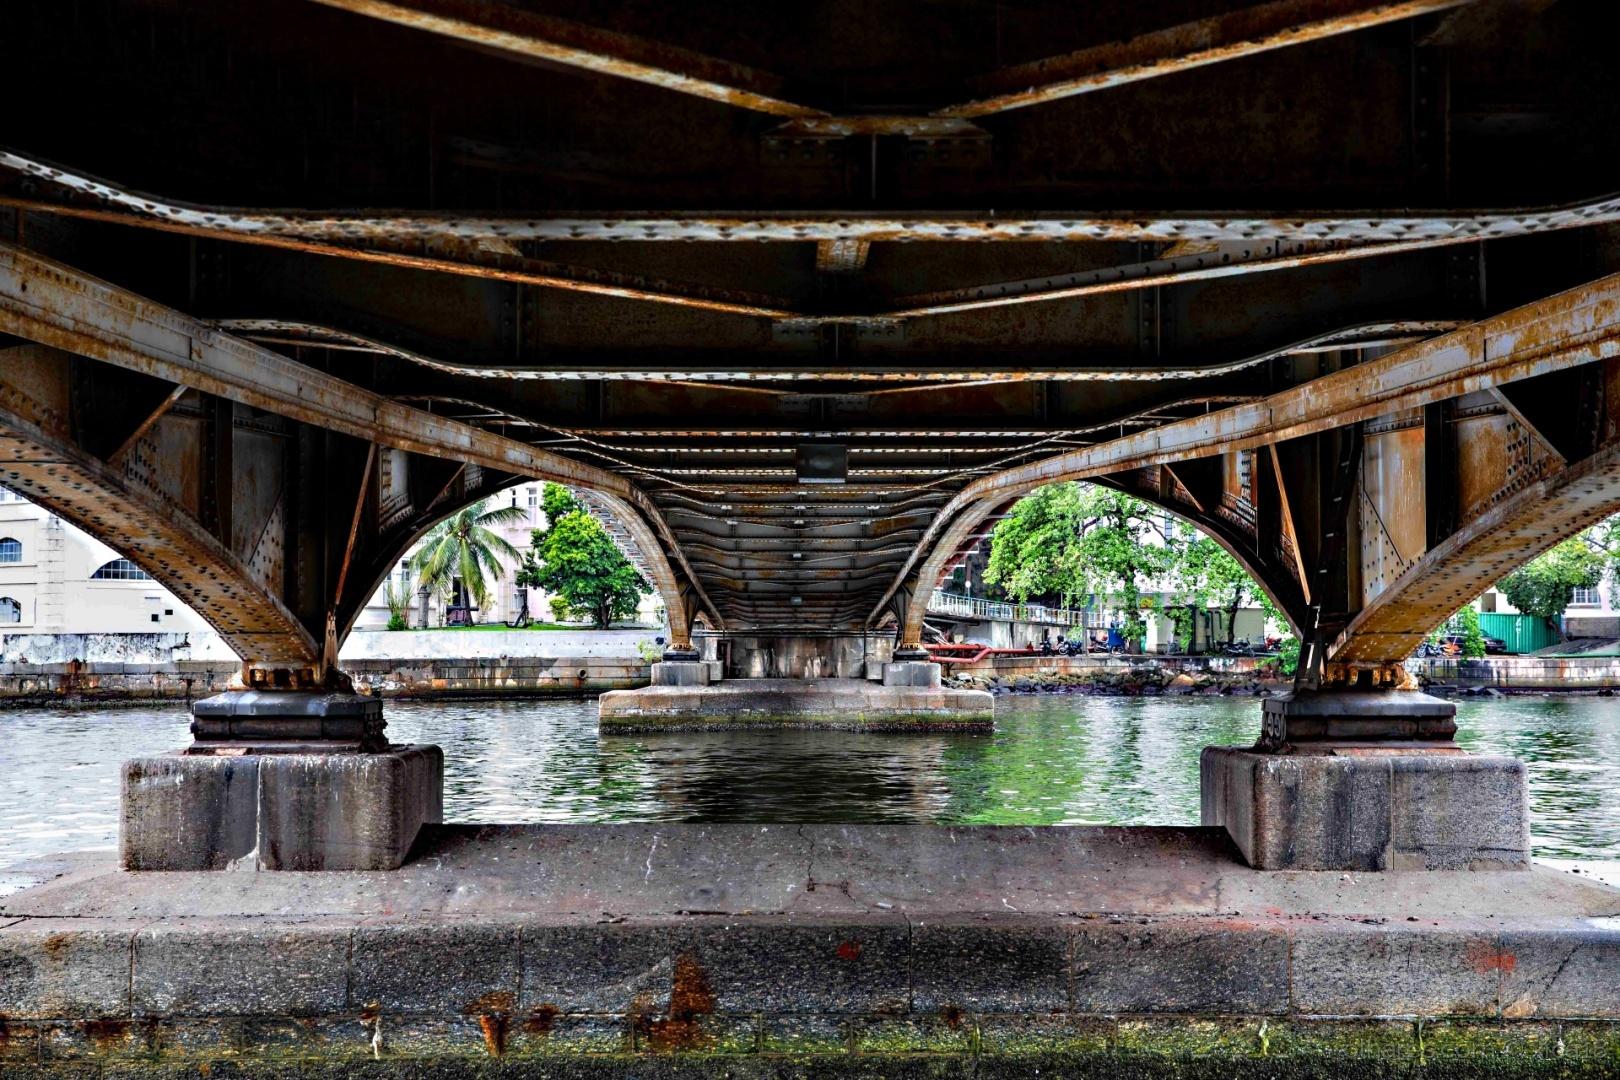 Paisagem Urbana/Ponte vista por baixo